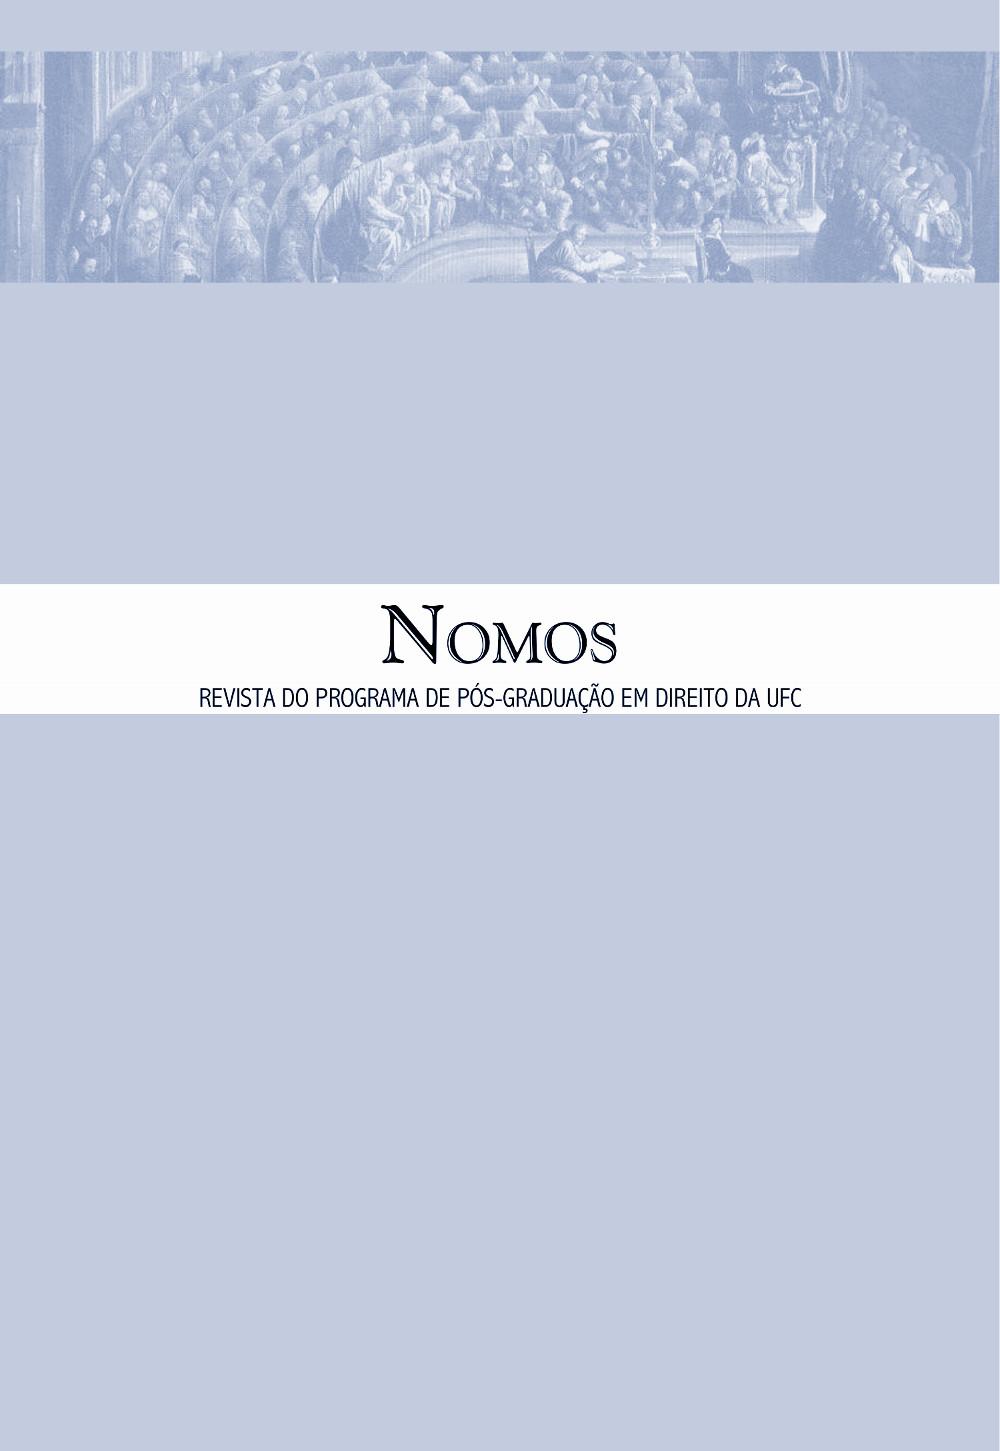 Nomos, volume 34, número 2, julho a dezembro de 2014